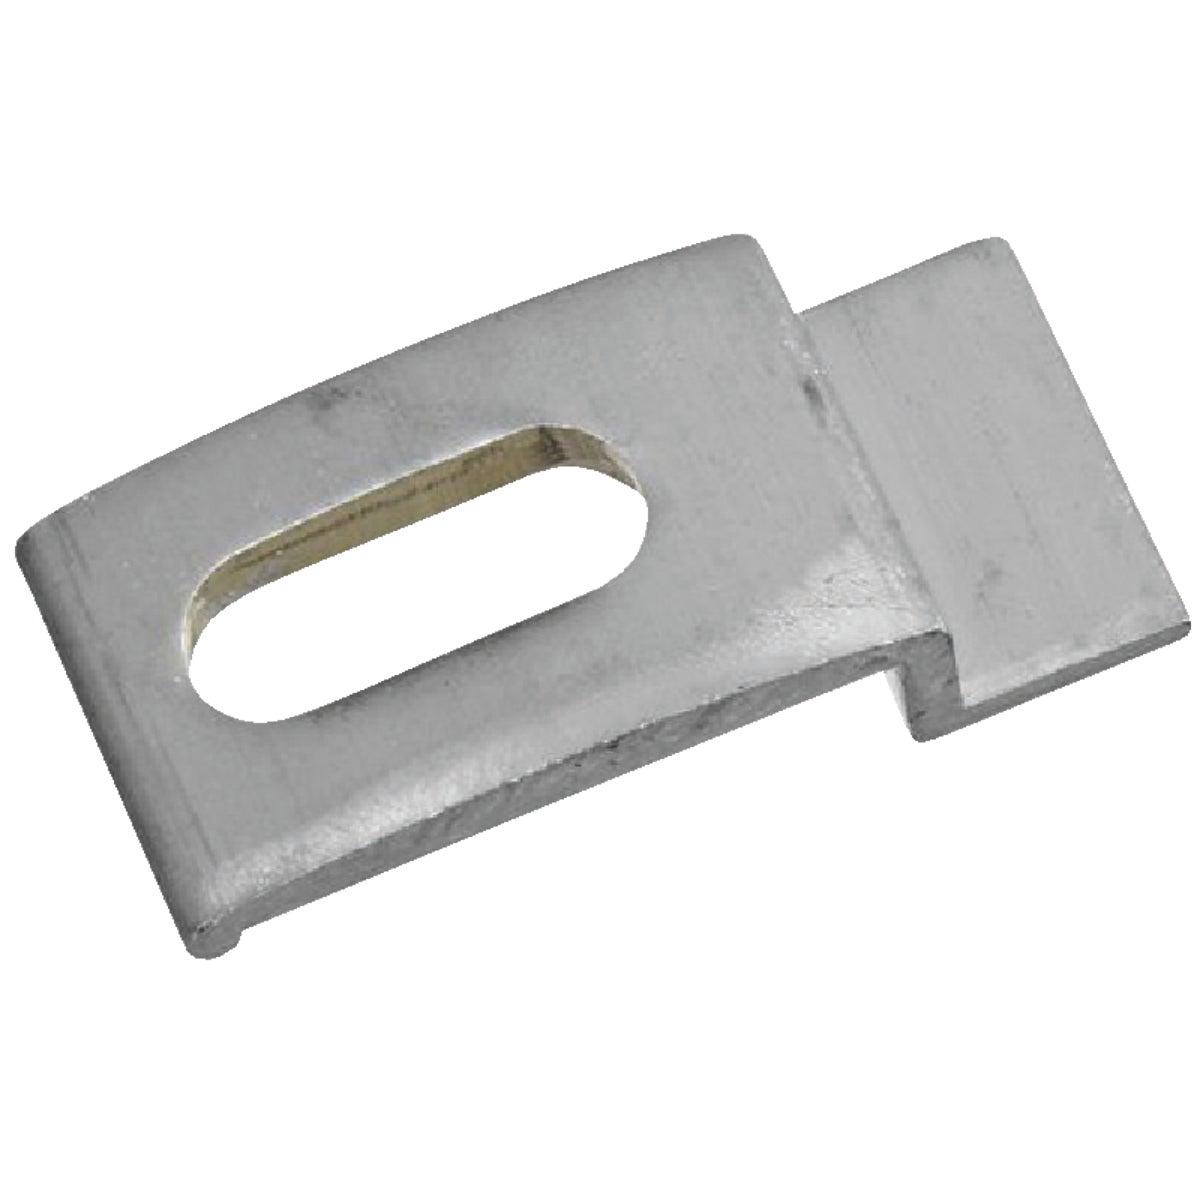 Wright Products-Hampton STORM DOOR CLIPS V832CS